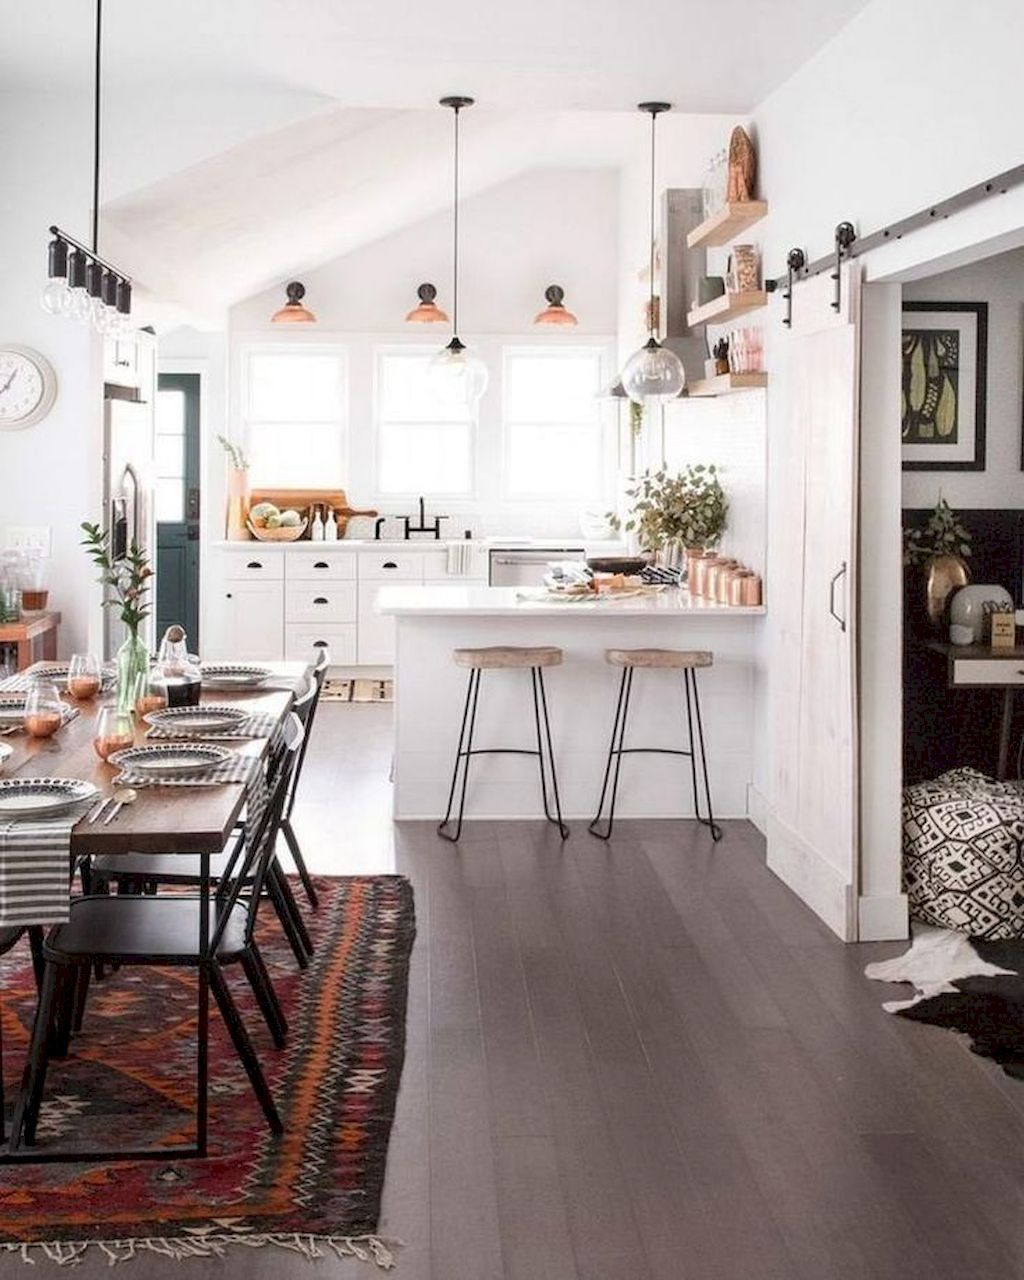 Elonahome.com   Home Design and Inspiration   Dining room design ...